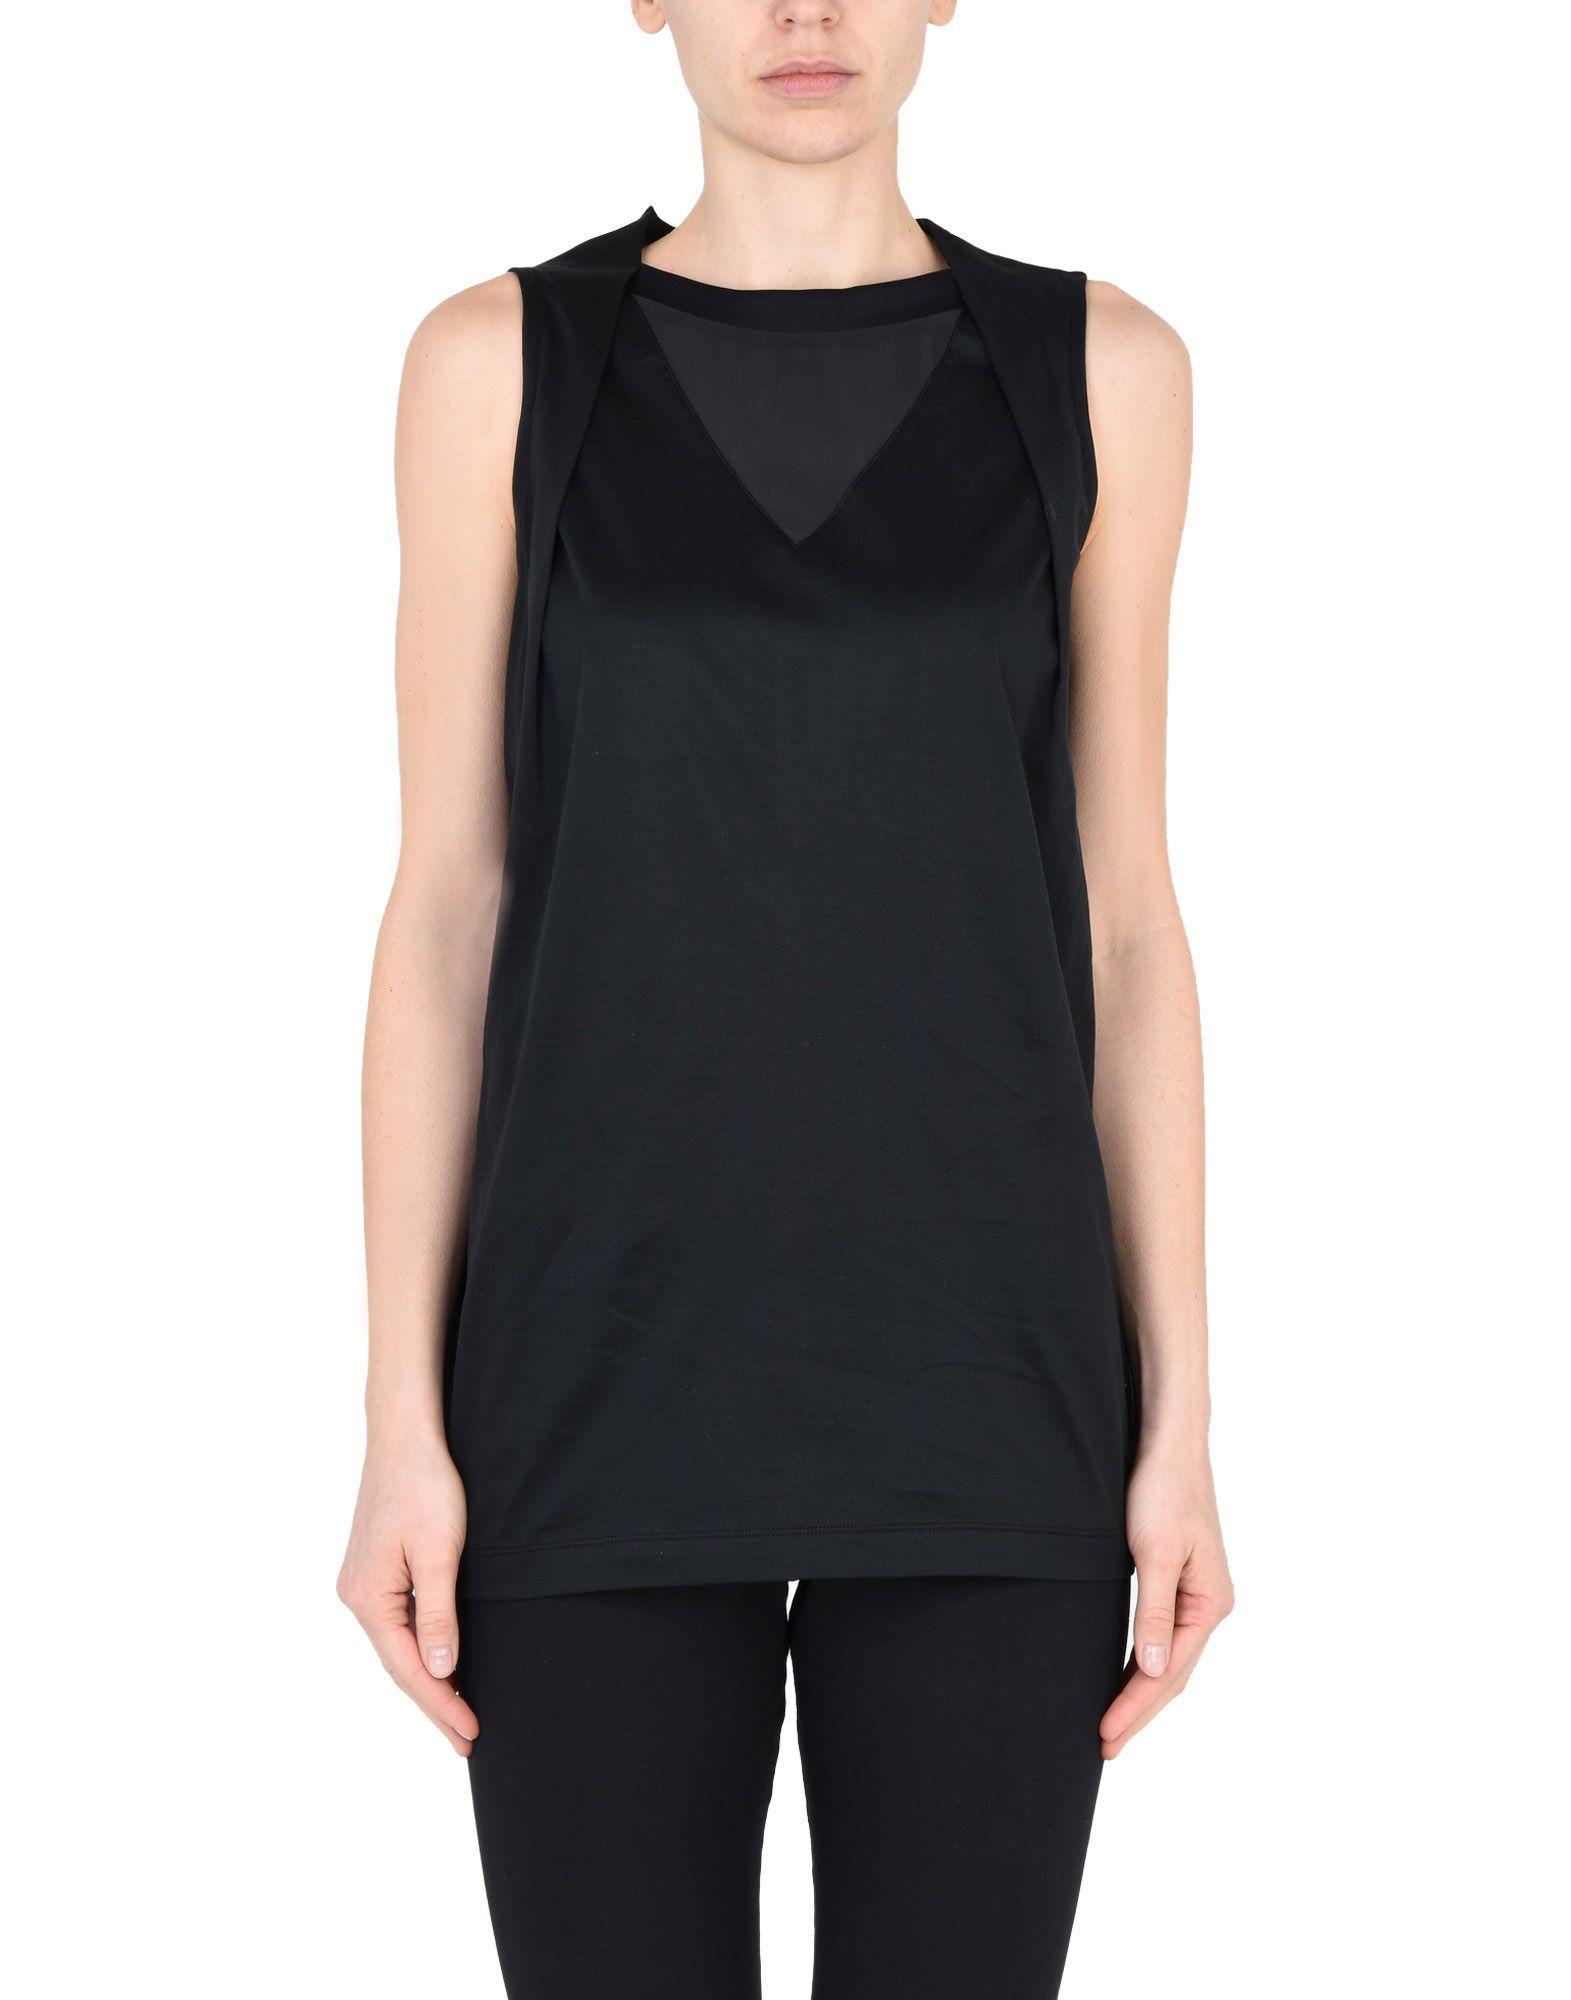 Nike Black Cotton Top